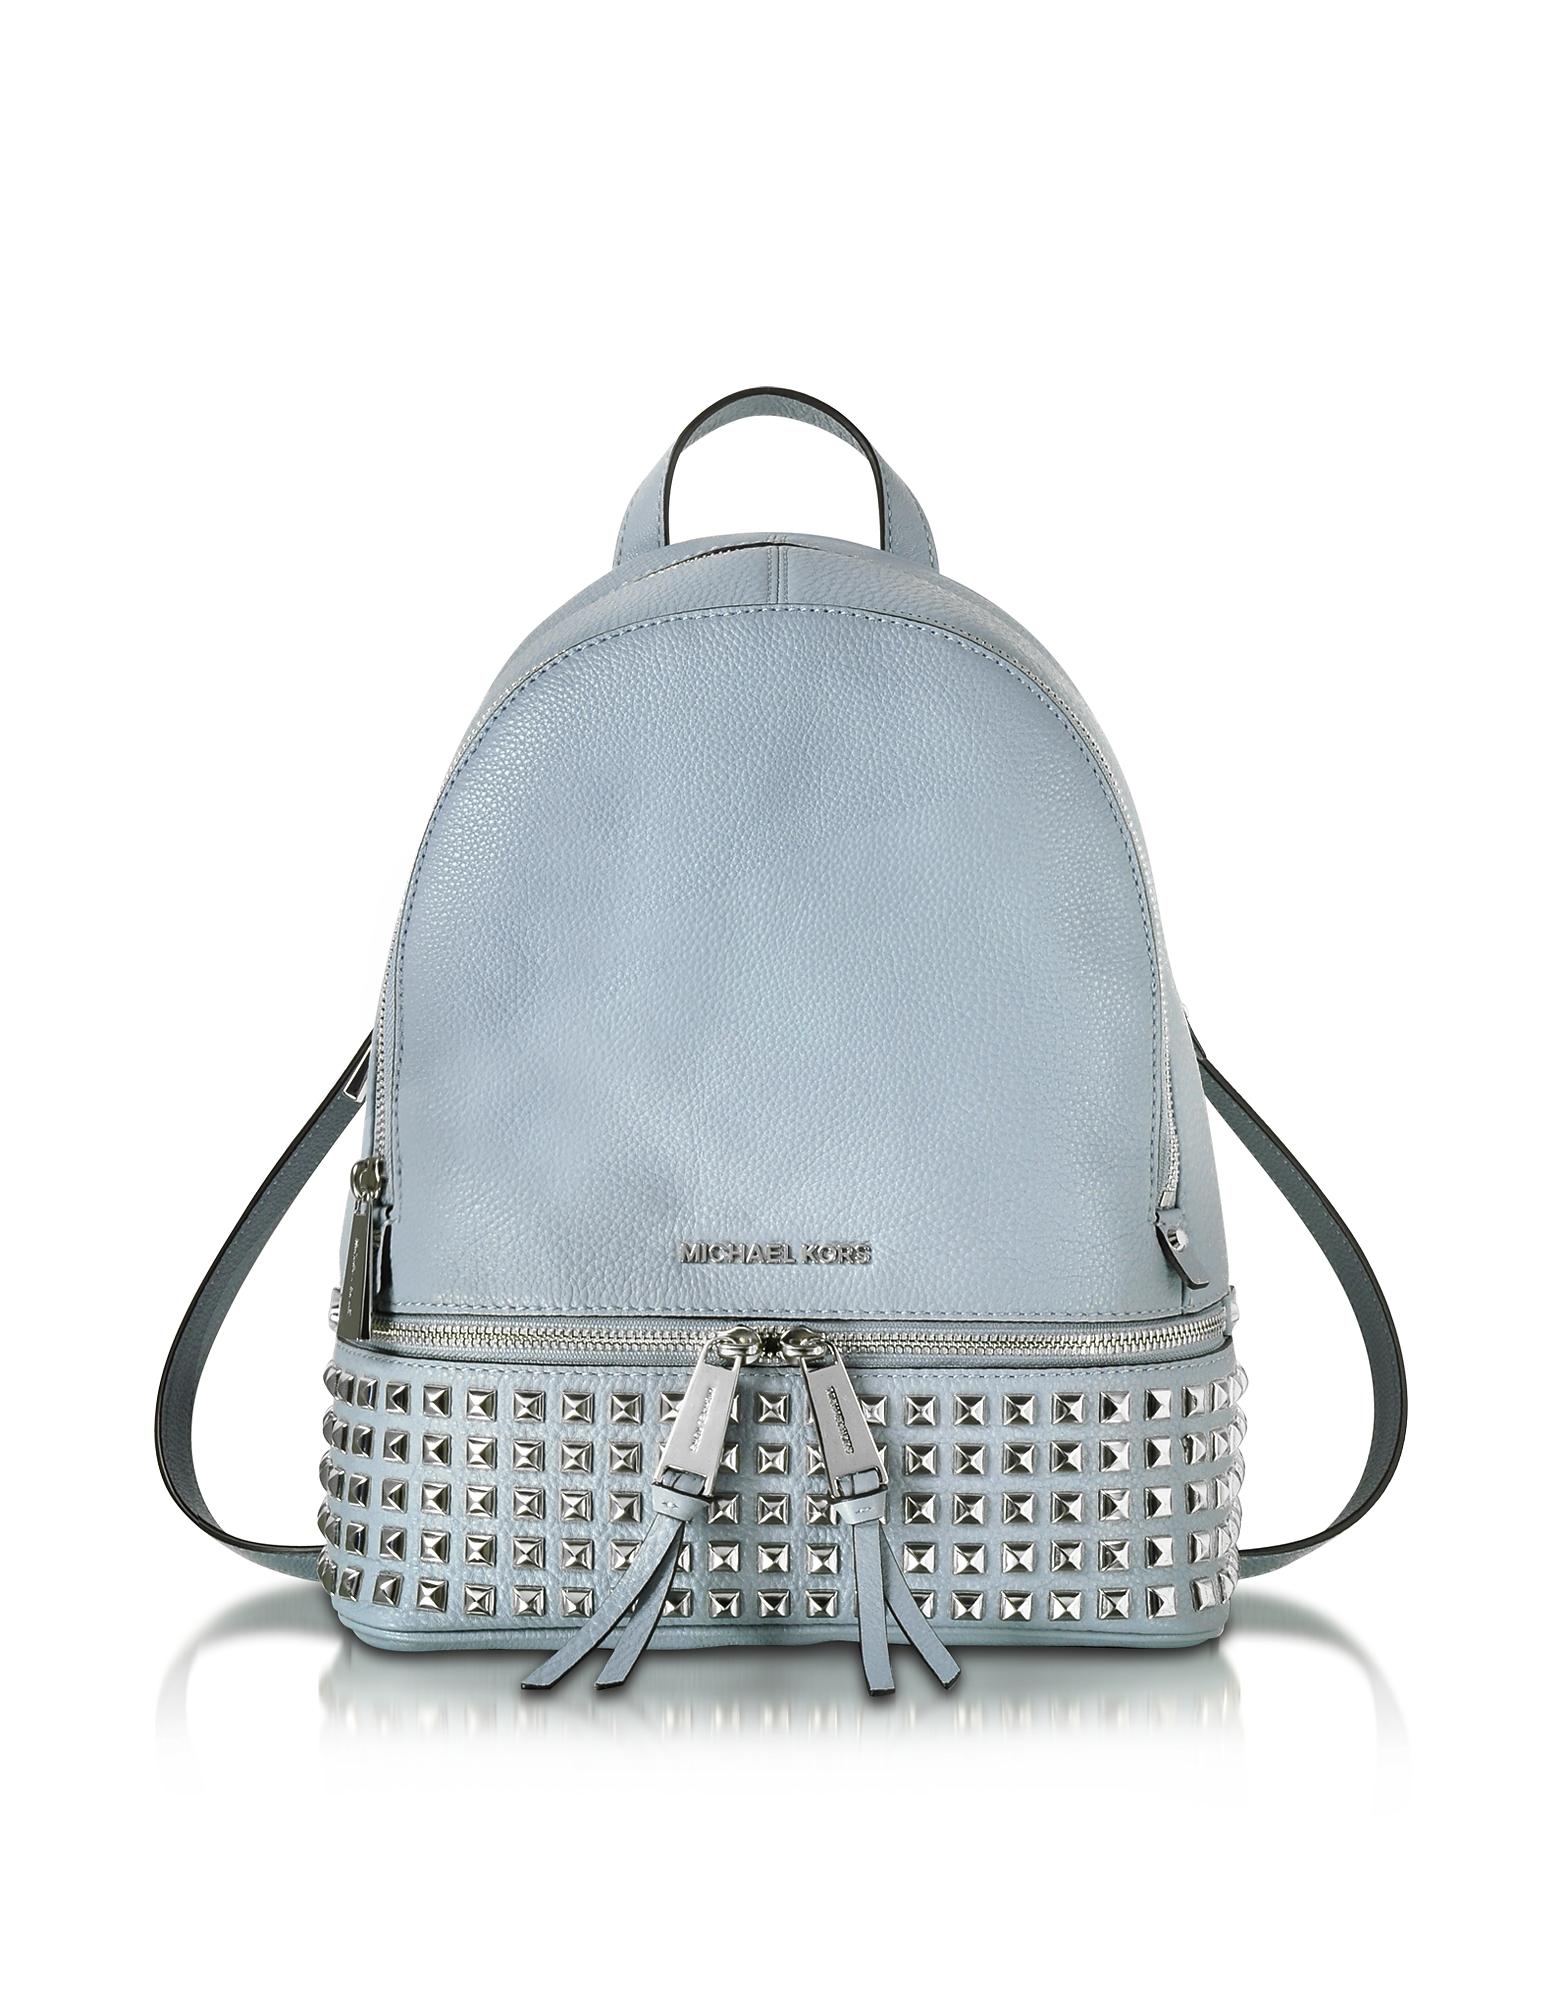 Rhea - Светло-синий Кожаный Рюкзак Среднего Размера с Заклепками Пирамидками